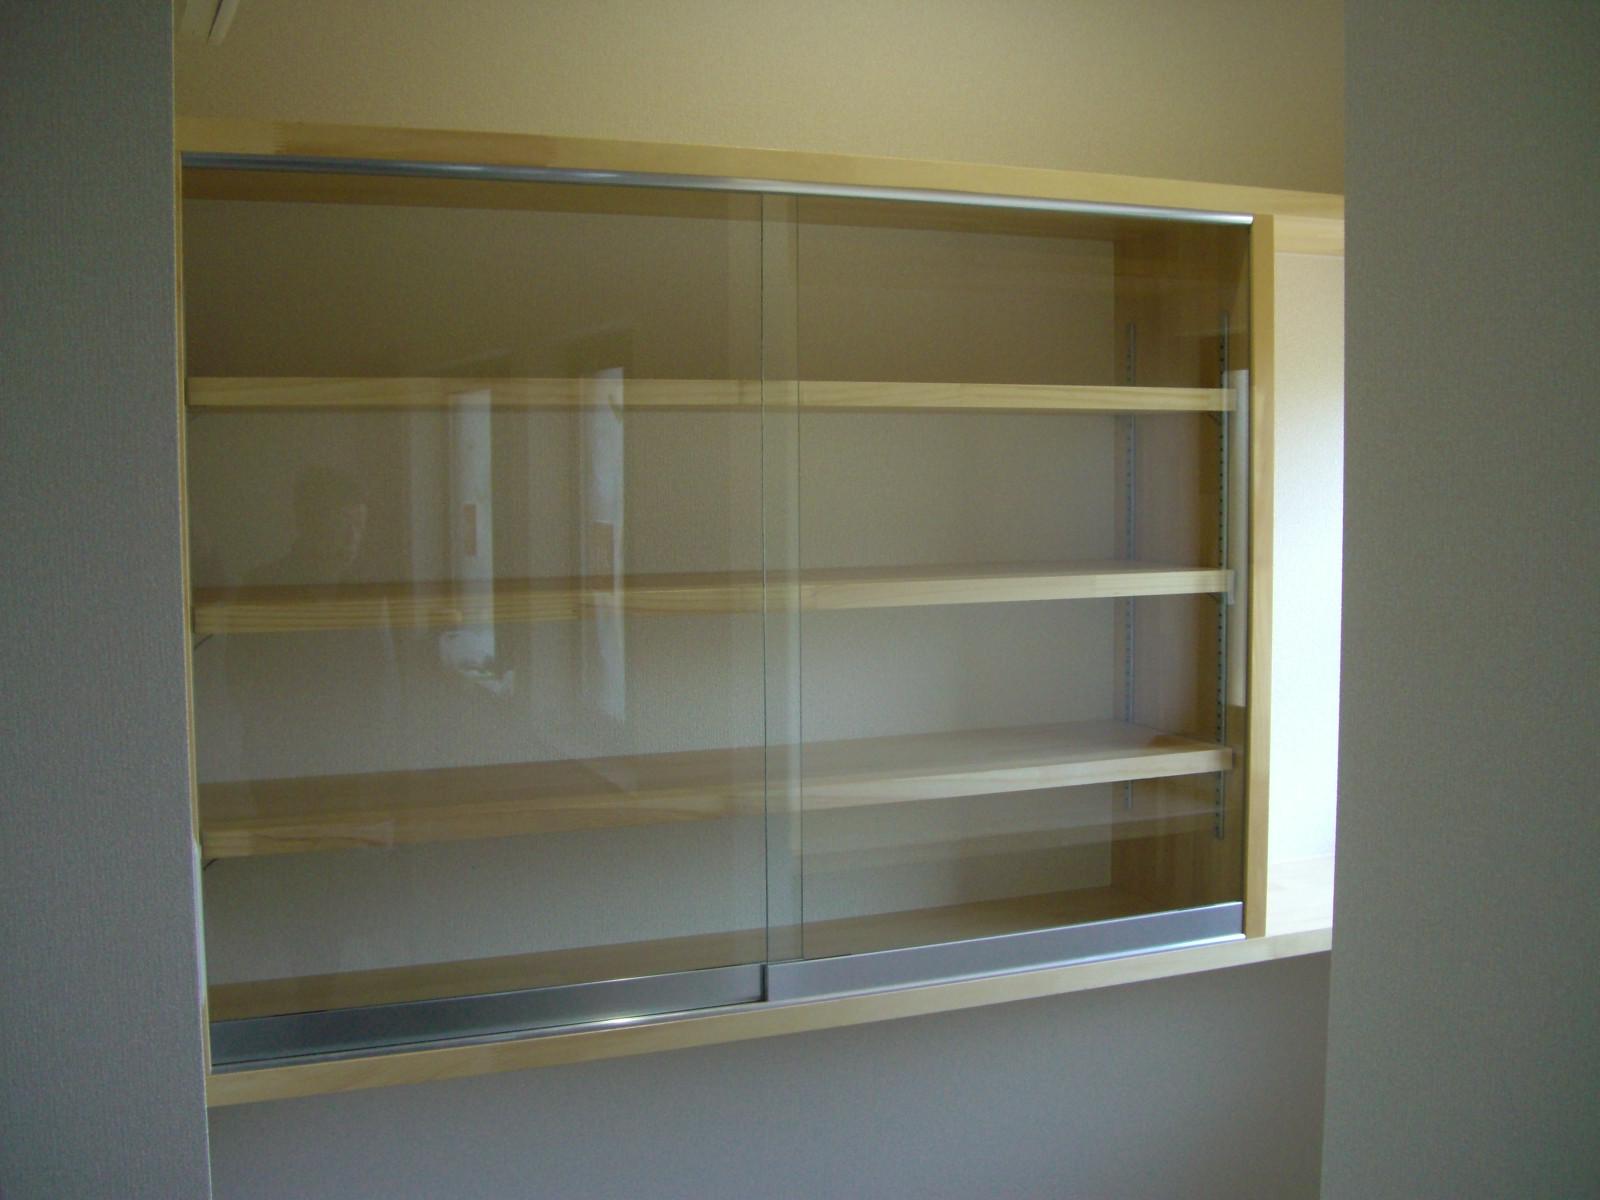 パントリーには小さな食器棚を造作。<br /> あえて造りすぎず、自由に収納するものにあわせ対応できるように考えました。